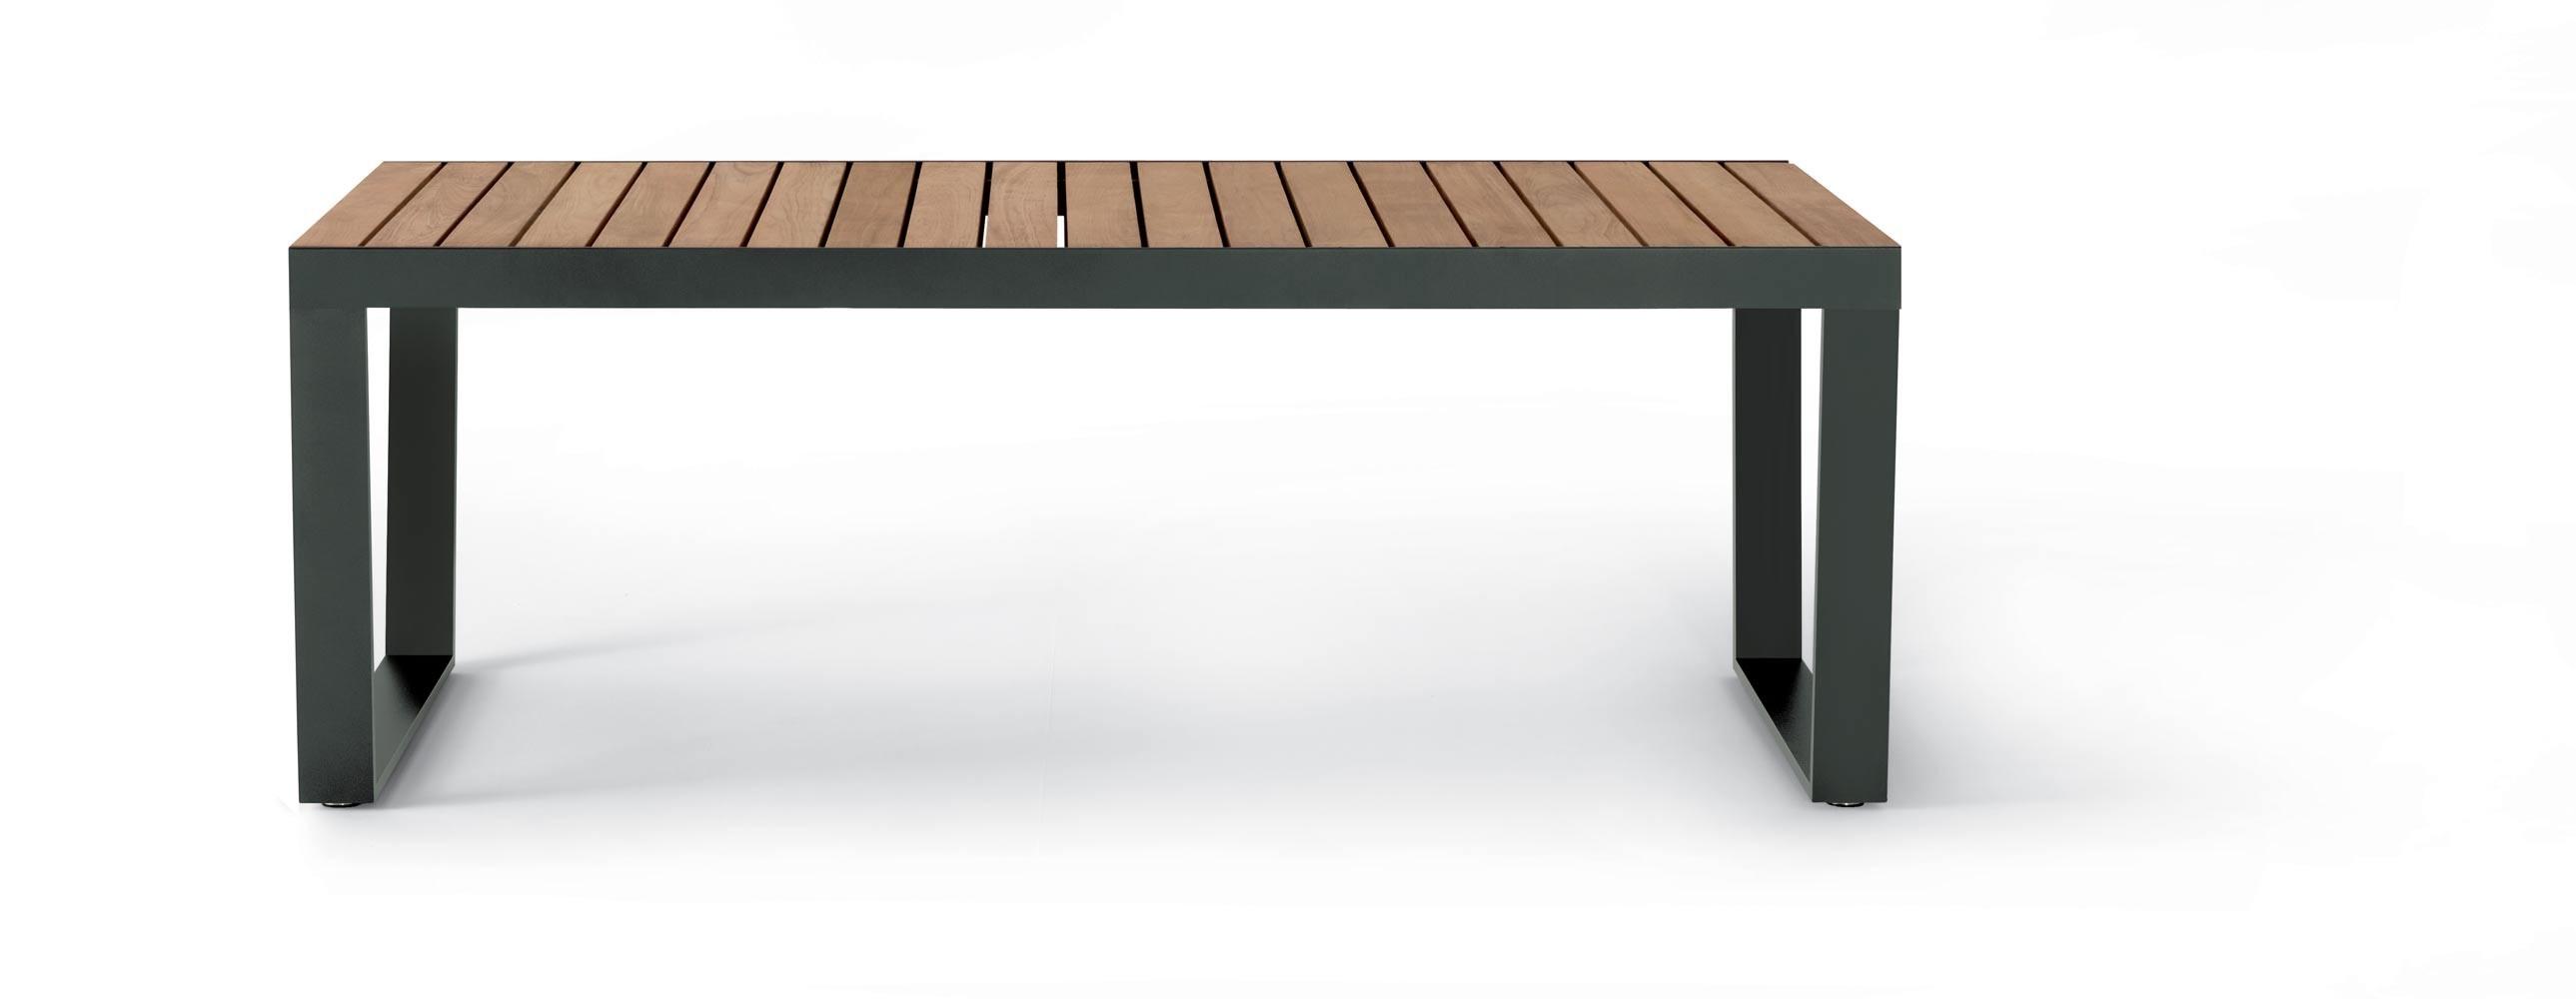 Roda Spinnaker Table